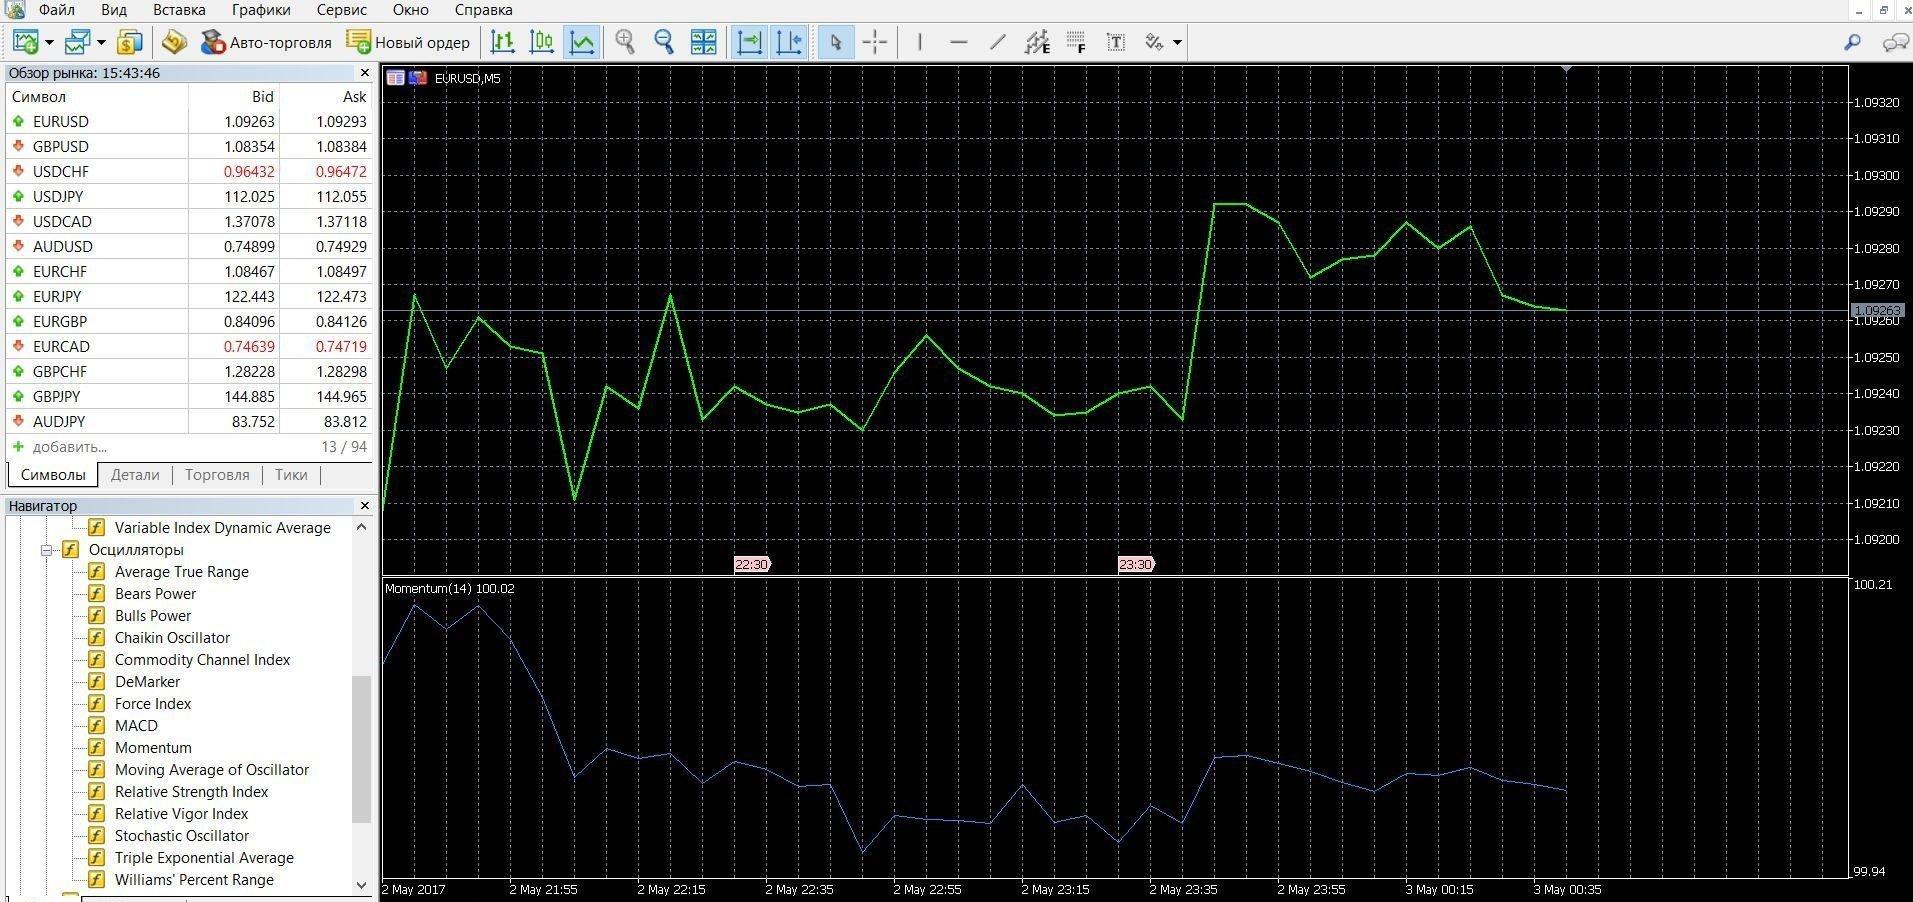 Индикатор Моментум в торговле бинарными опционами